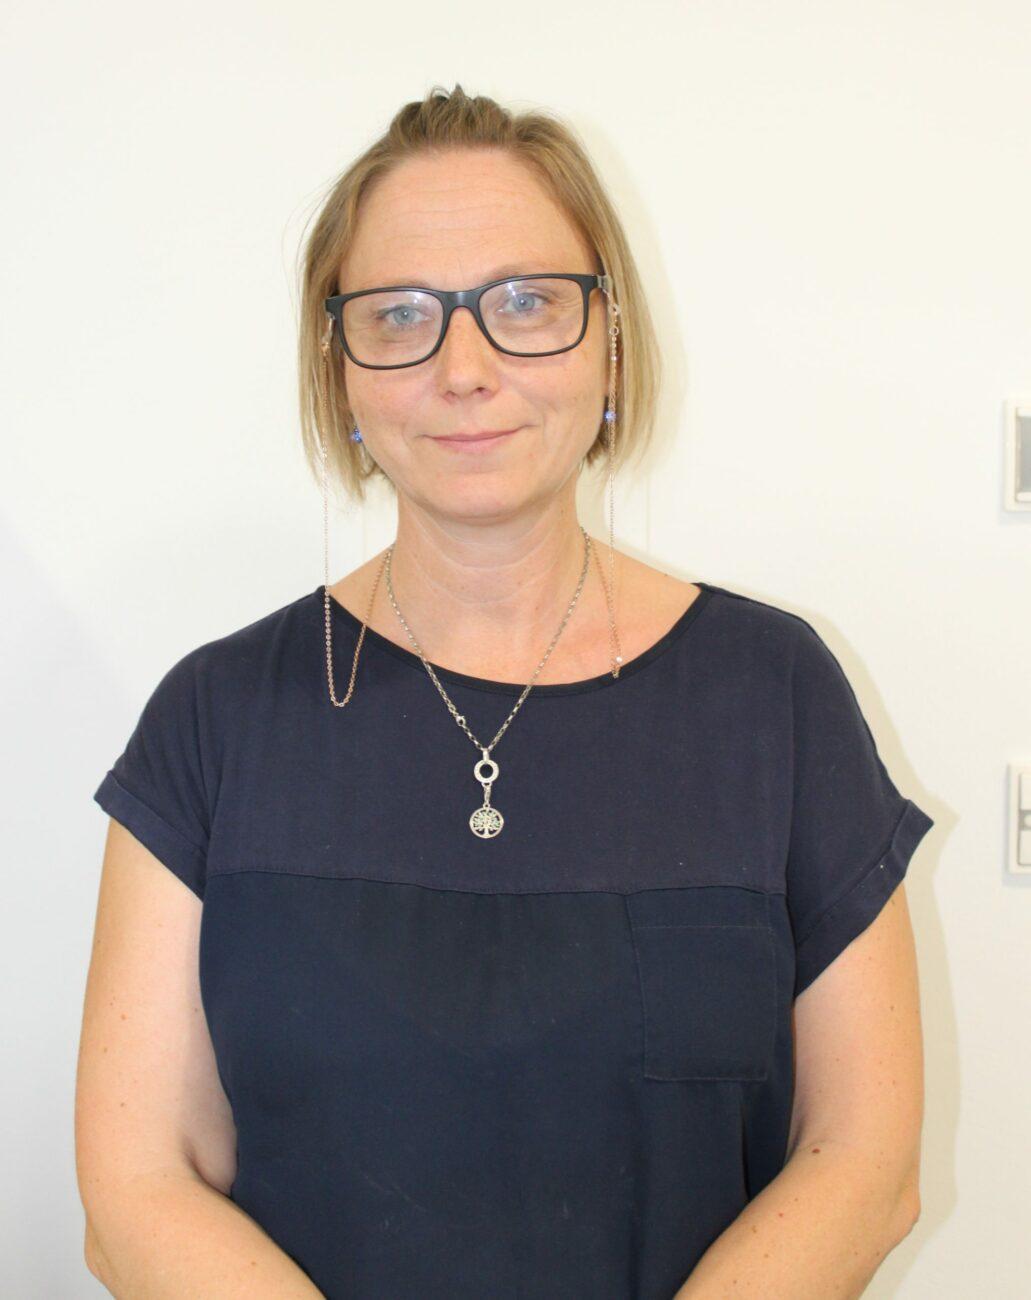 Sabine Freisehner